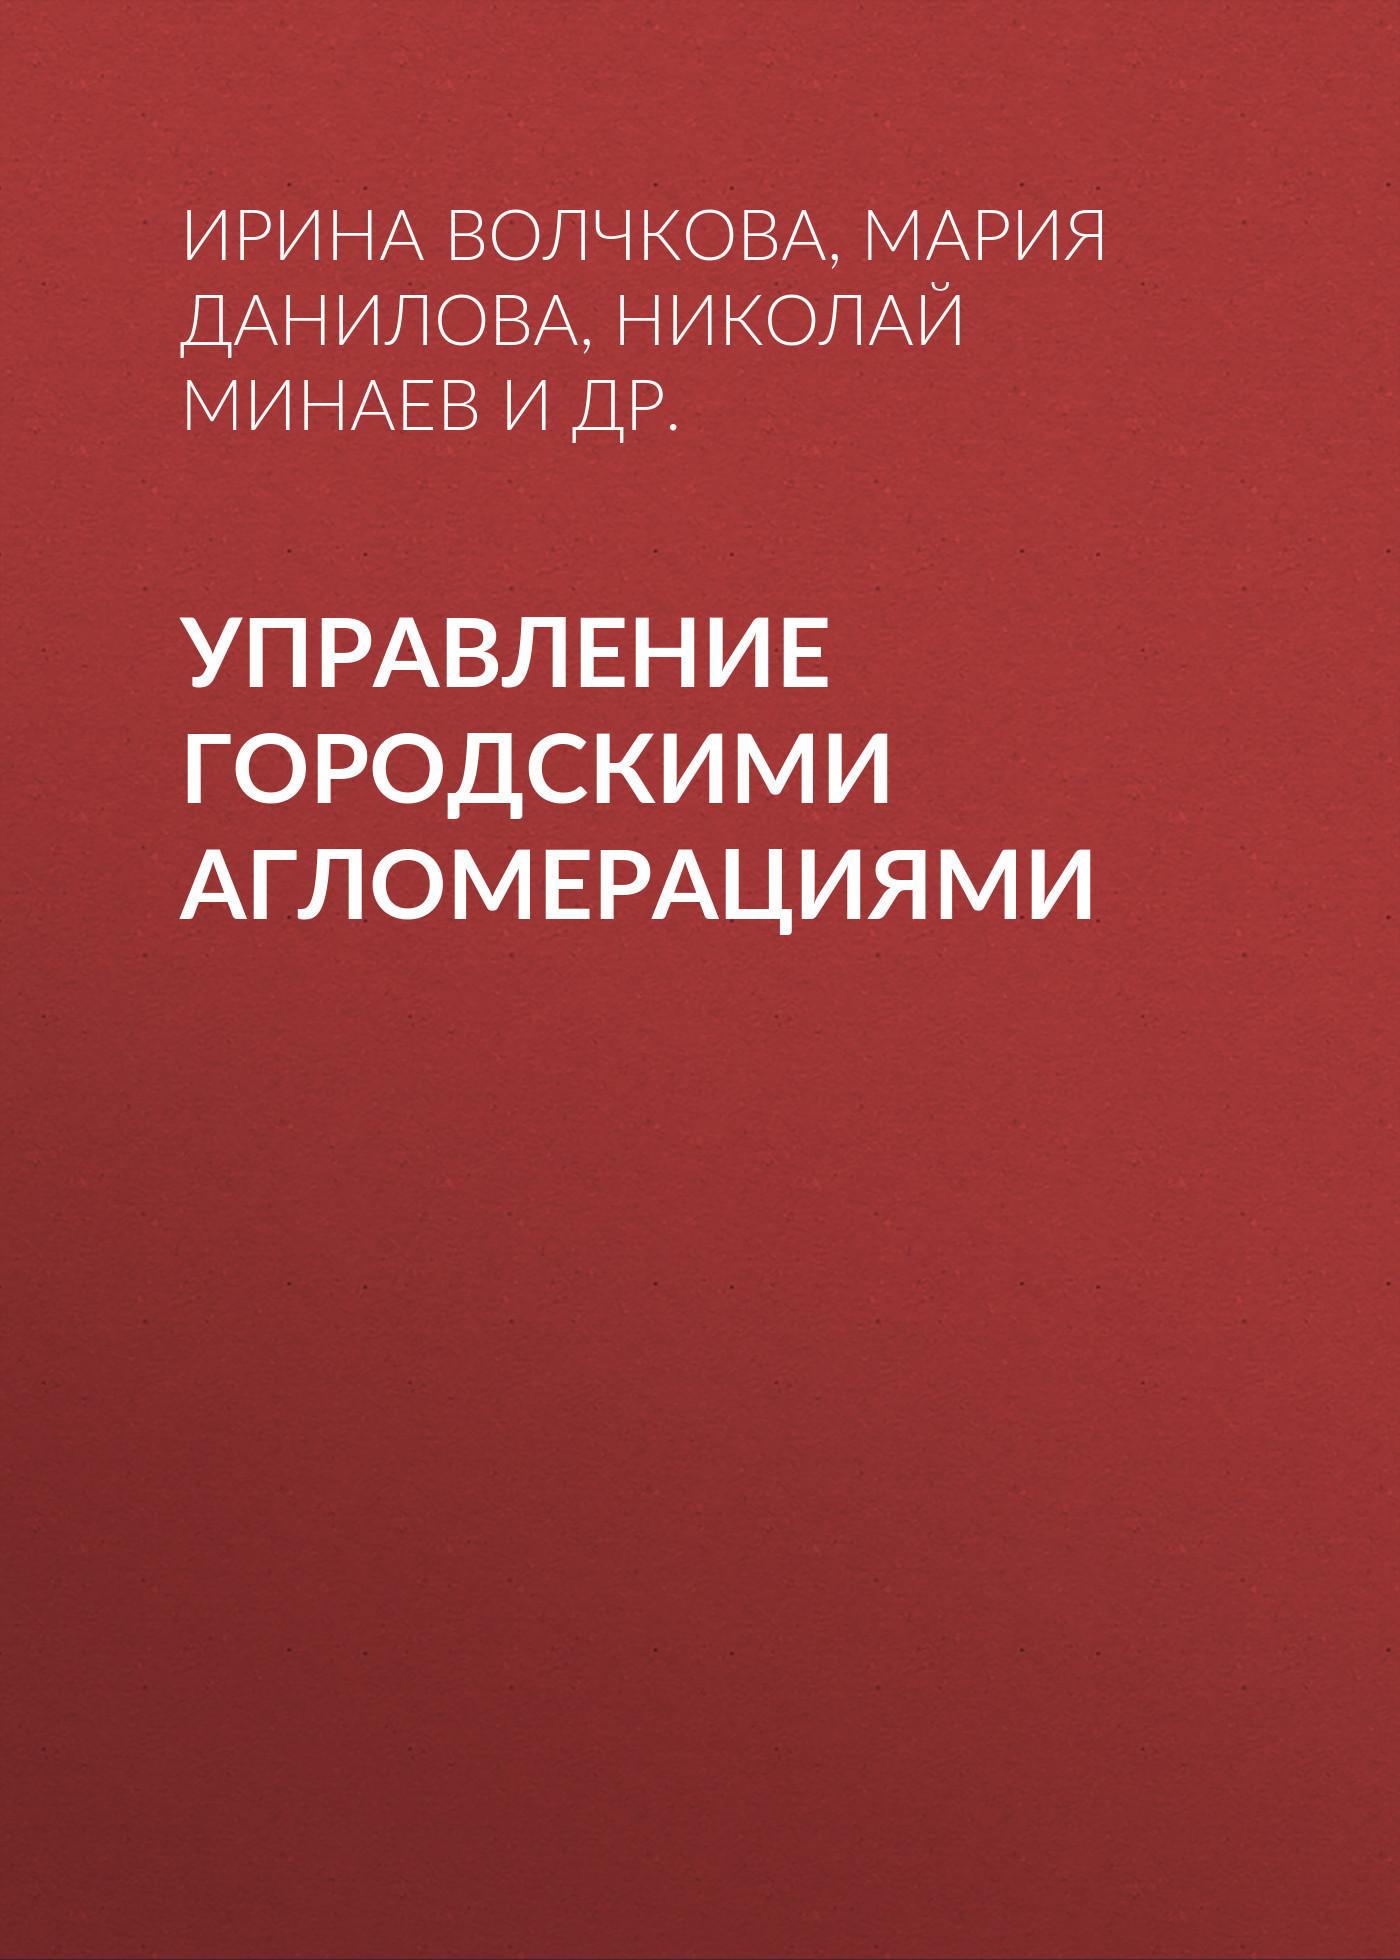 Обложка книги. Автор - Лилия Лычагина